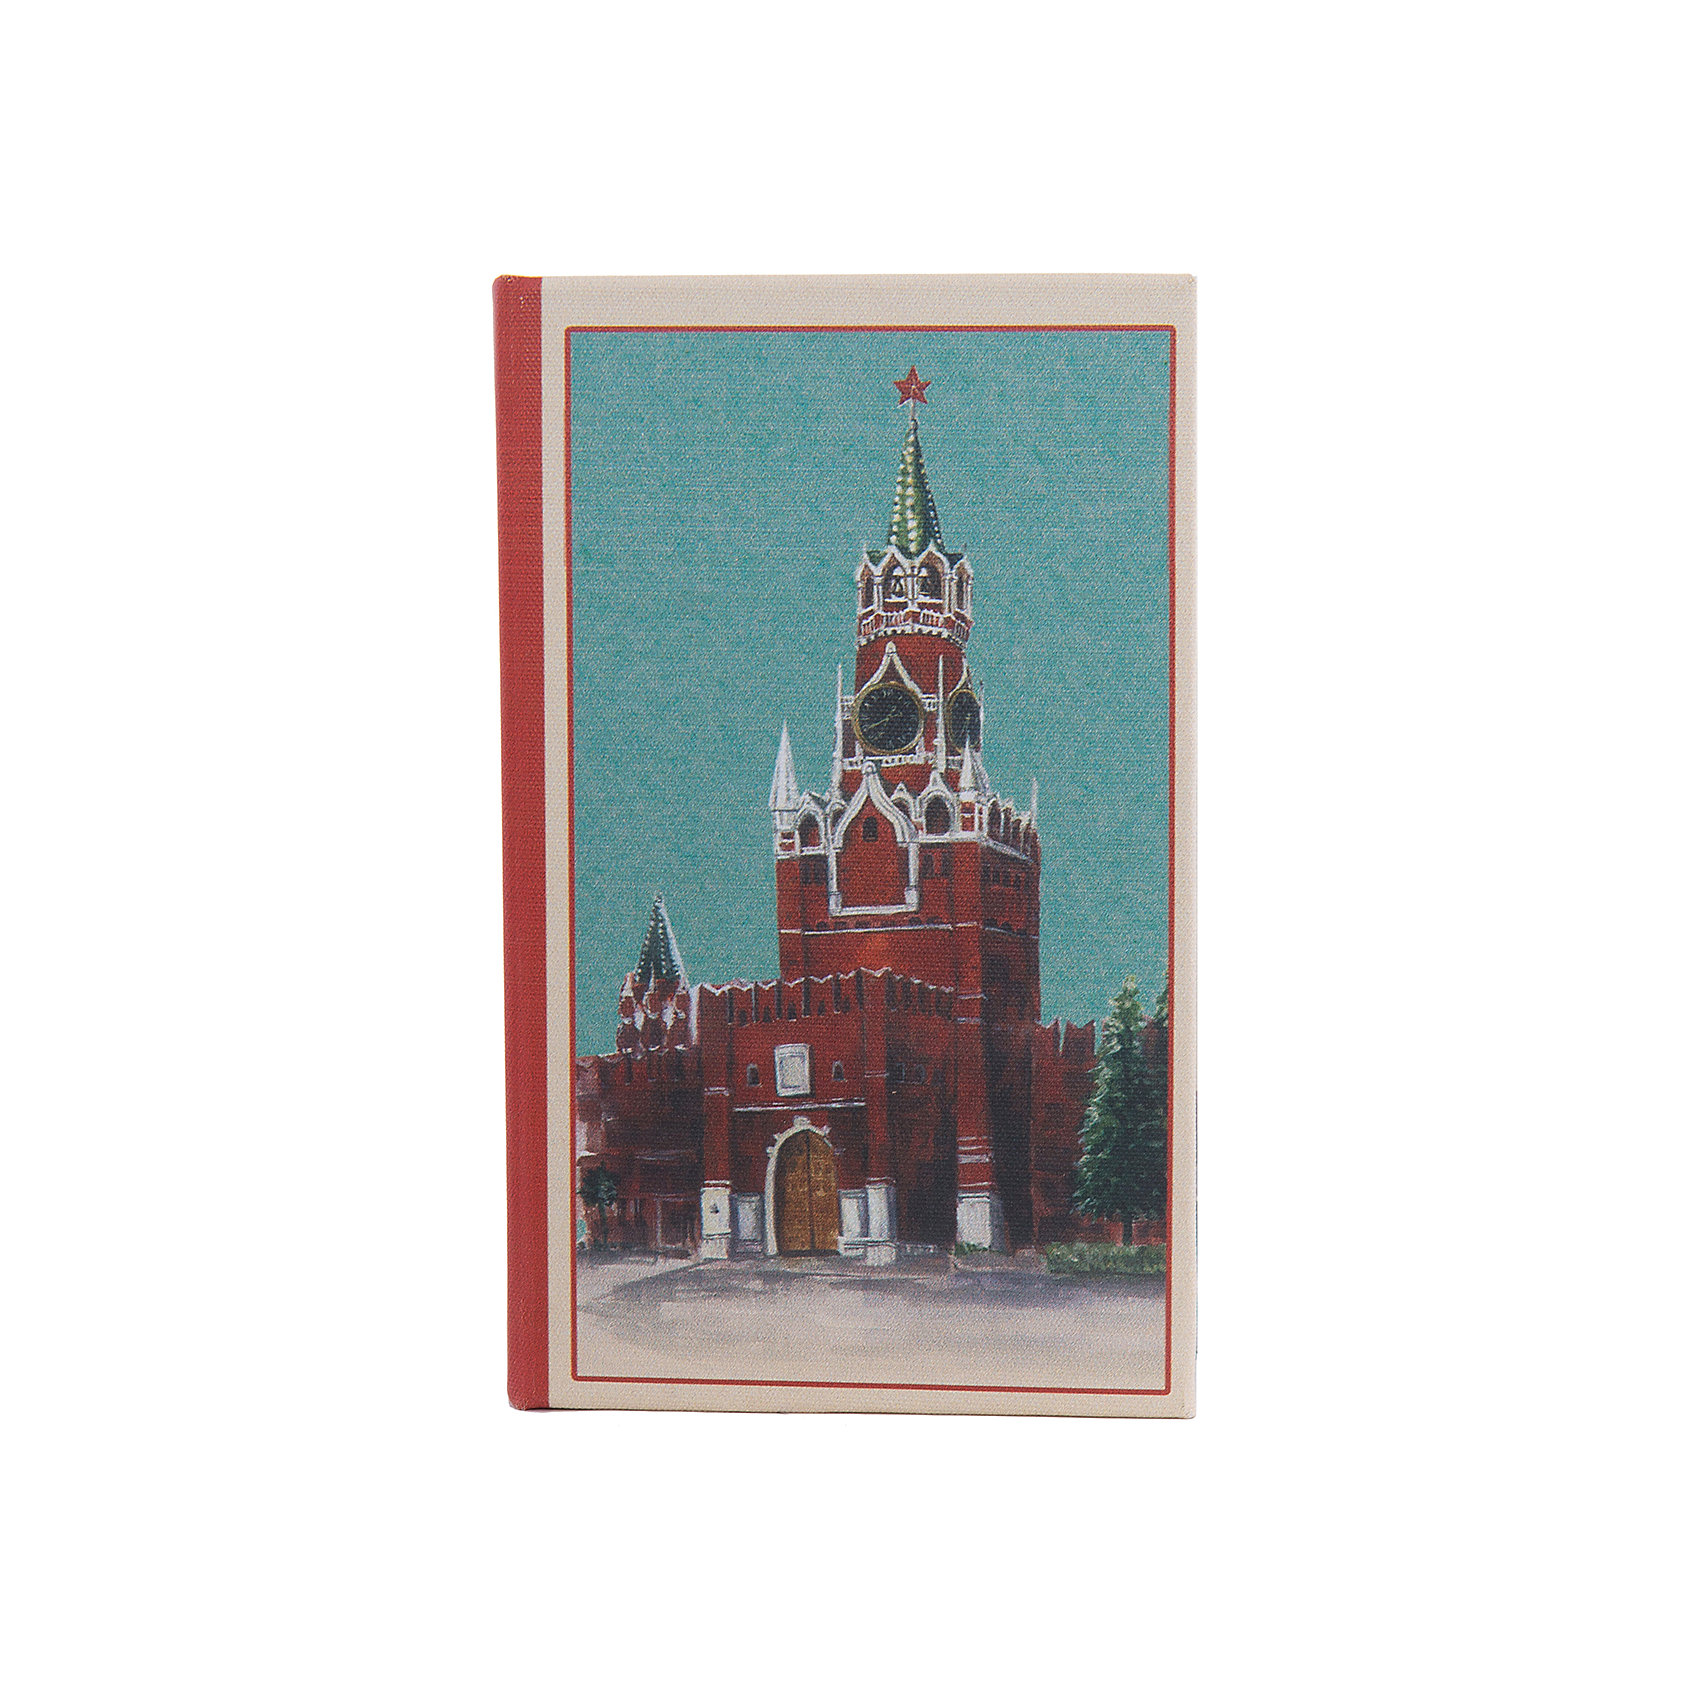 Шкатулка декоративная КремльПредметы интерьера<br>Декоративная шкатулка Кремль изготовлена из дерева в форме книги. Она декорирована интересным рисунком с изображением Кремля. В такой шкатулке приятно будет приятно хранить вещи, украшения и мелкие безделушки.<br><br>Дополнительная информация:<br>Материал: МДФ<br>Размер: 5х17х11 см<br>Вес: 280грамм<br>Вы можете купить декоративную шкатулку Кремль в нашем интернет-магазине.<br><br>Ширина мм: 390<br>Глубина мм: 370<br>Высота мм: 380<br>Вес г: 307<br>Возраст от месяцев: 84<br>Возраст до месяцев: 216<br>Пол: Унисекс<br>Возраст: Детский<br>SKU: 4957986